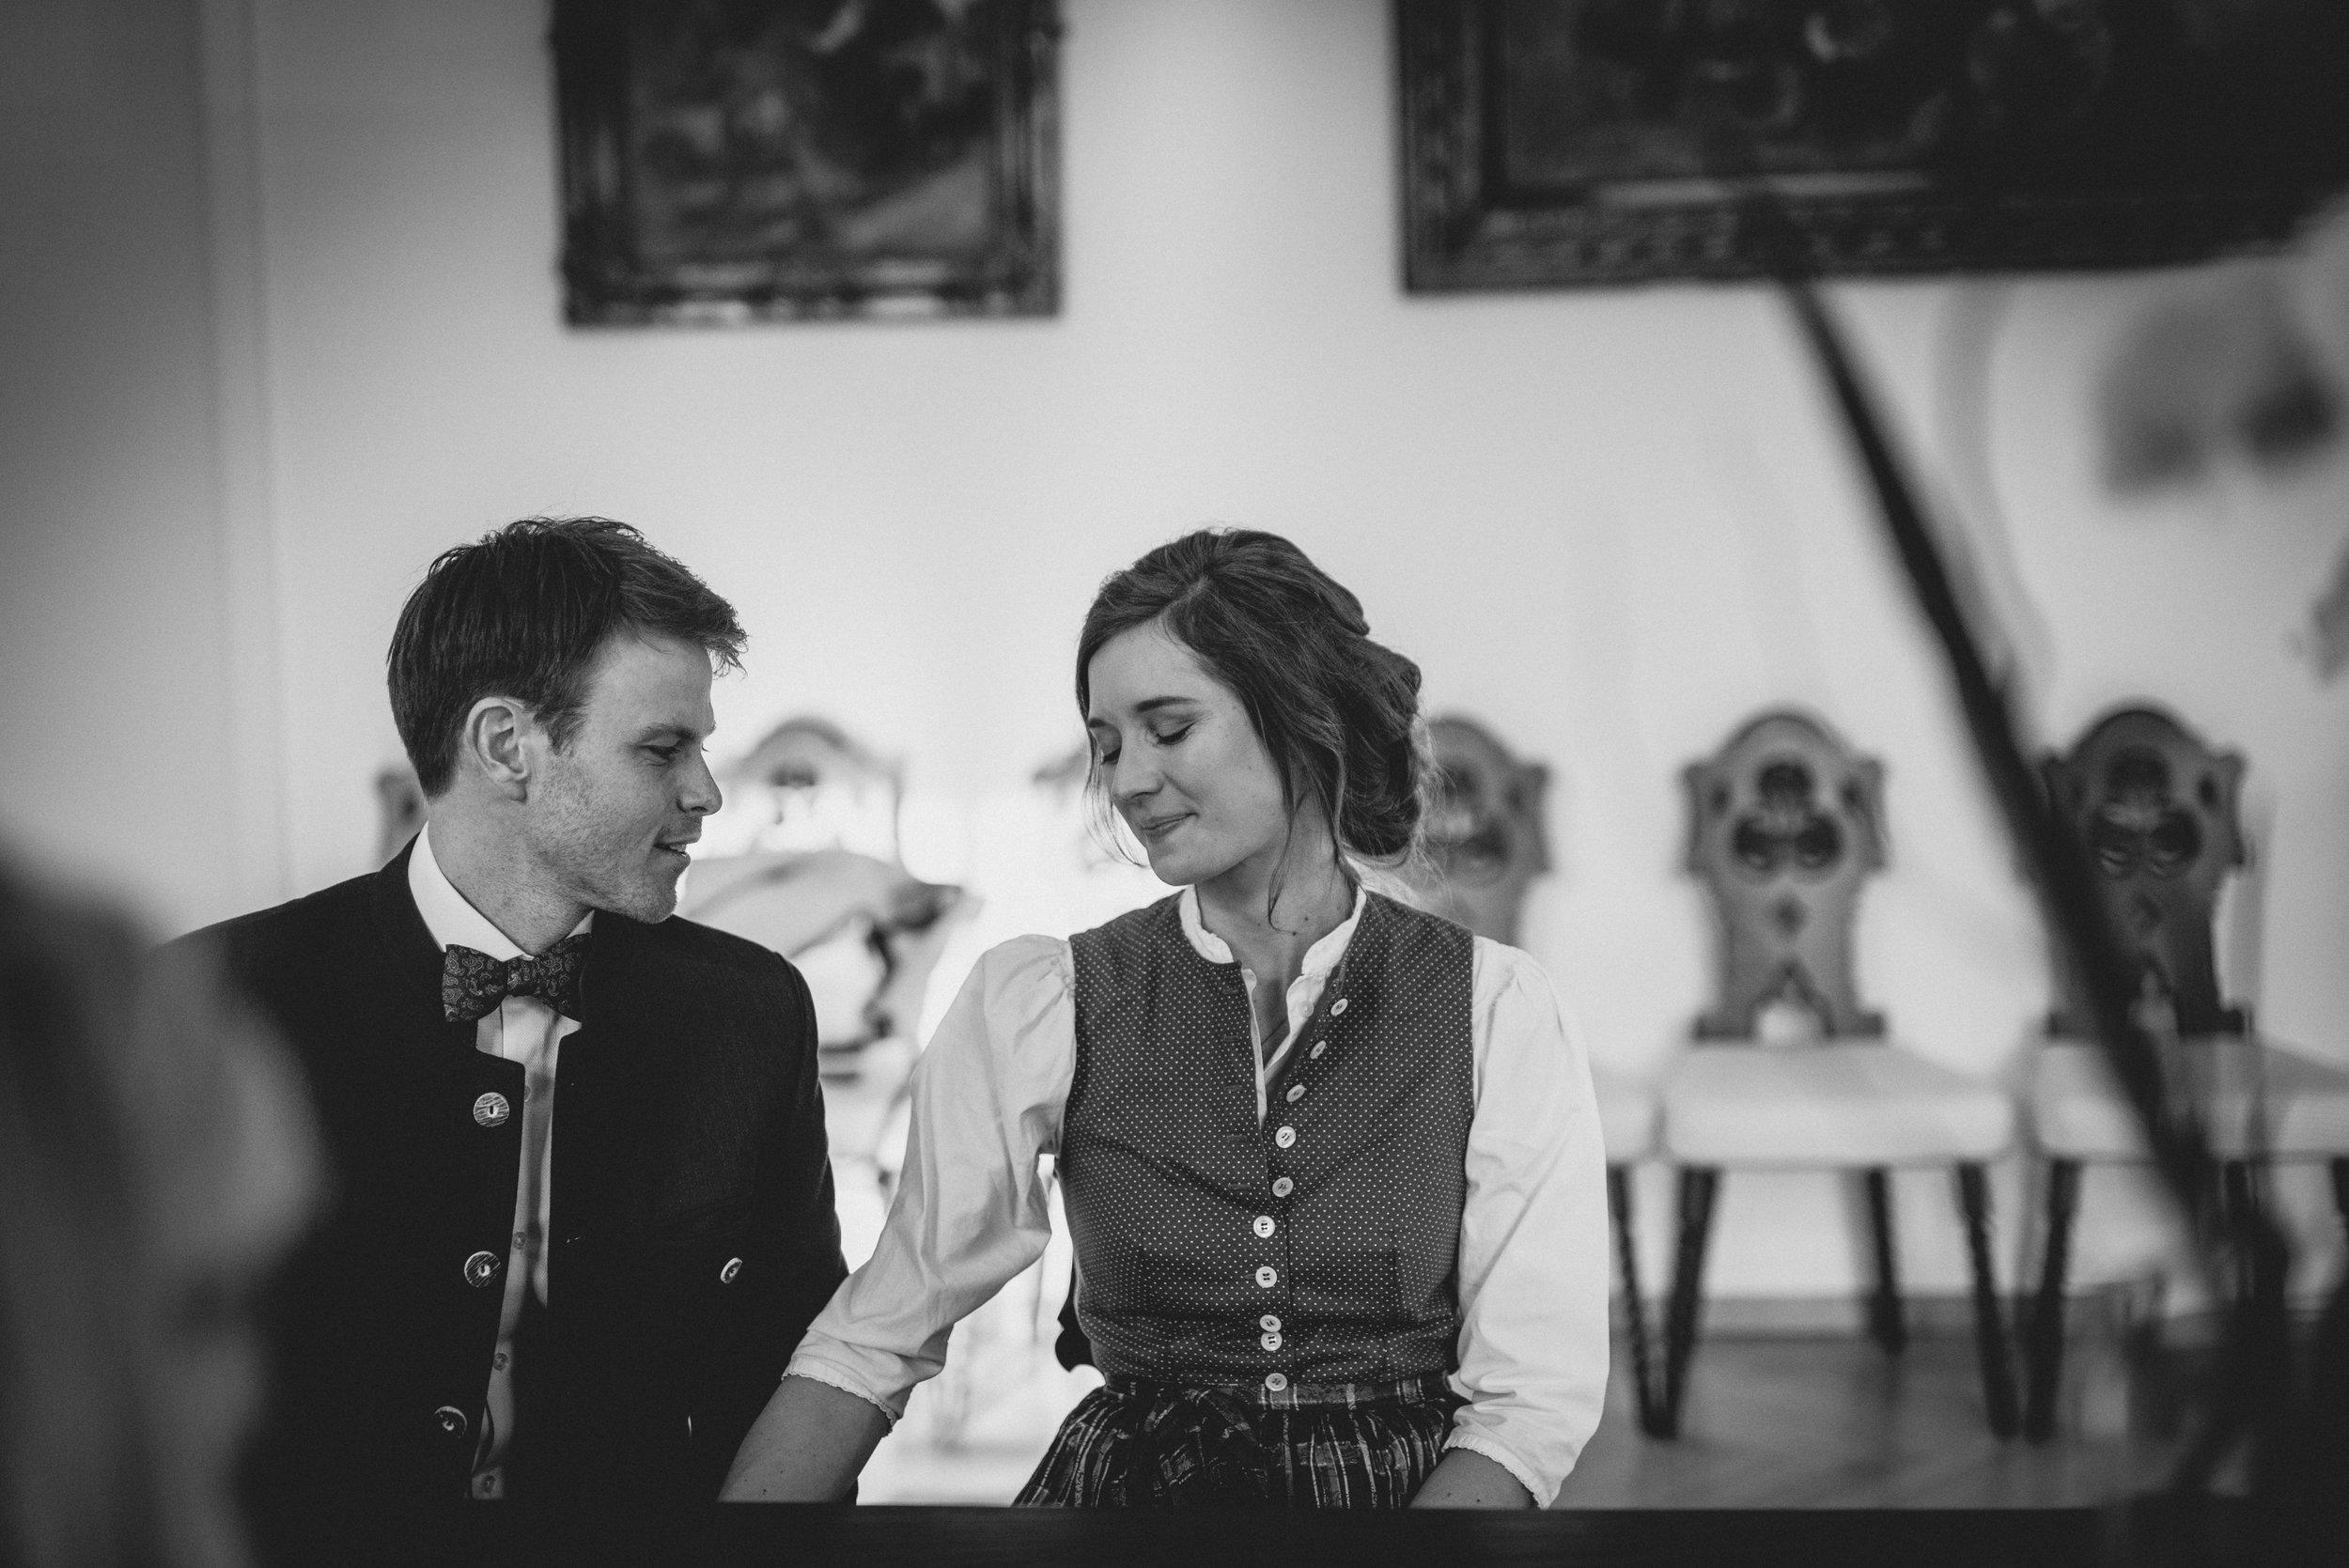 Hochzeit-Berchtesgaden-Hintersee-MissFrecklesPhotography-6.jpg